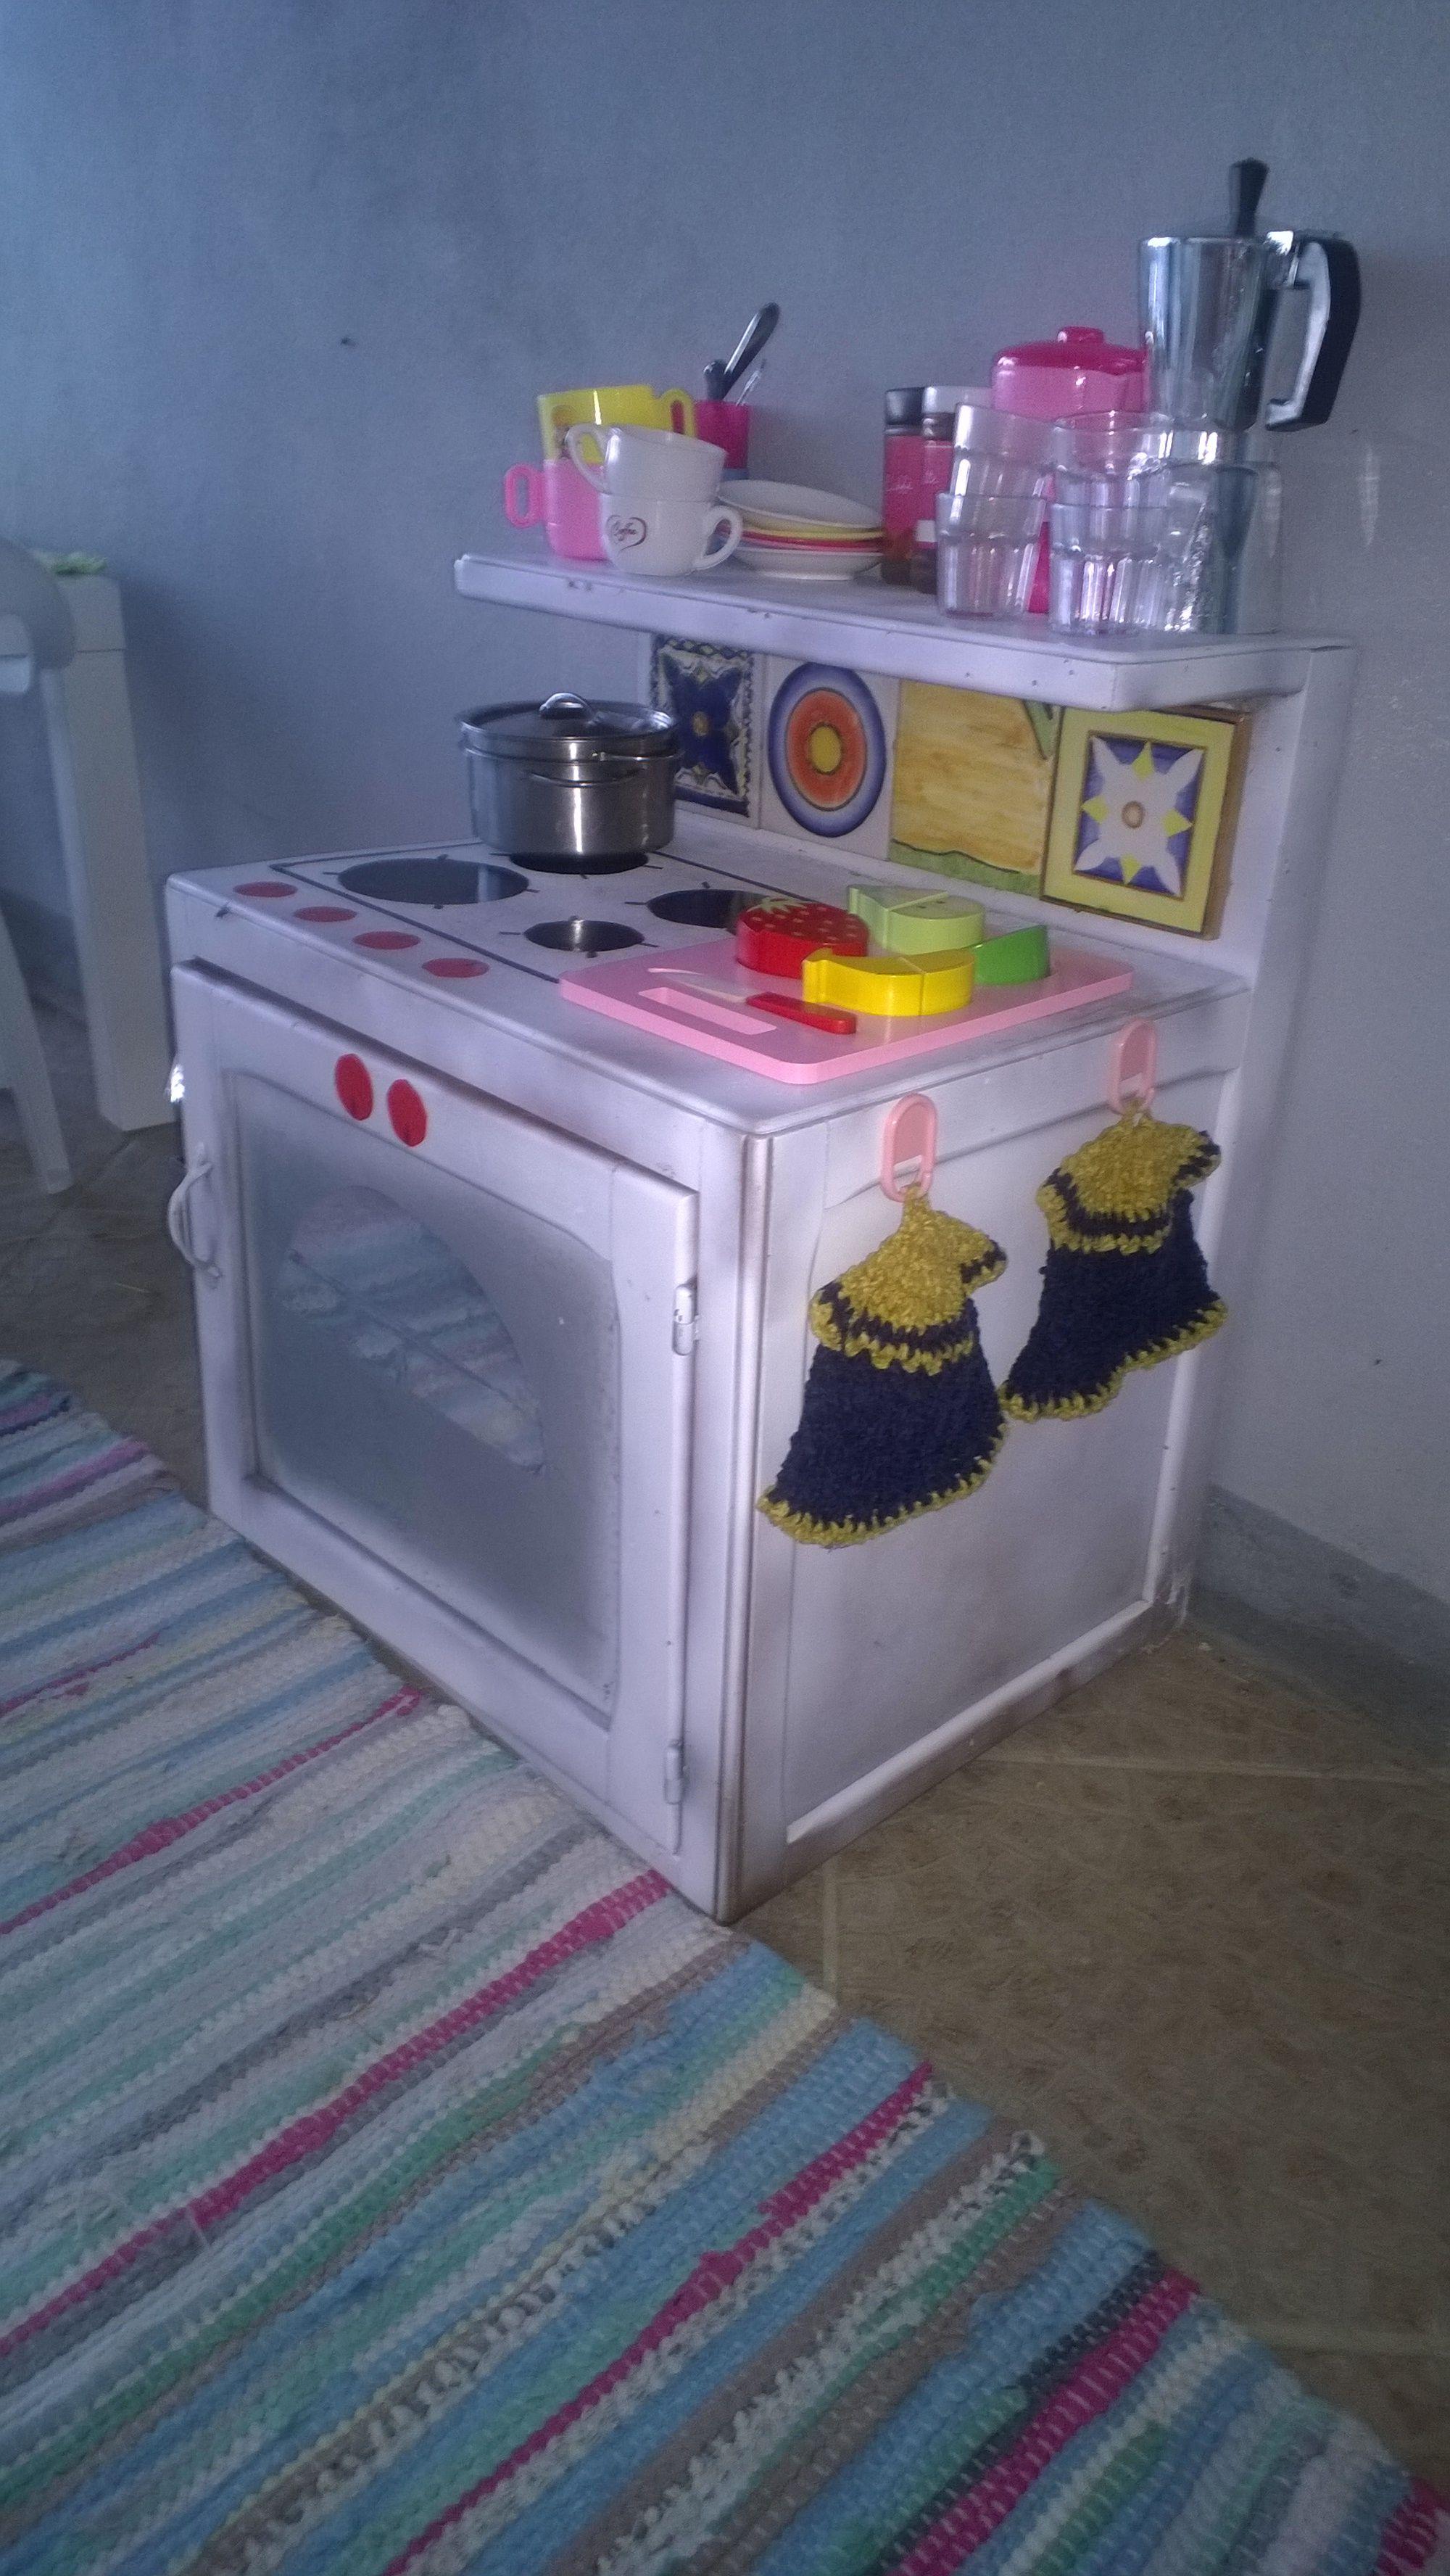 Un Vecchio Comodino Trasformato In Una Cucina Per Bambini Cucina Per Bambini Comodini Bambini